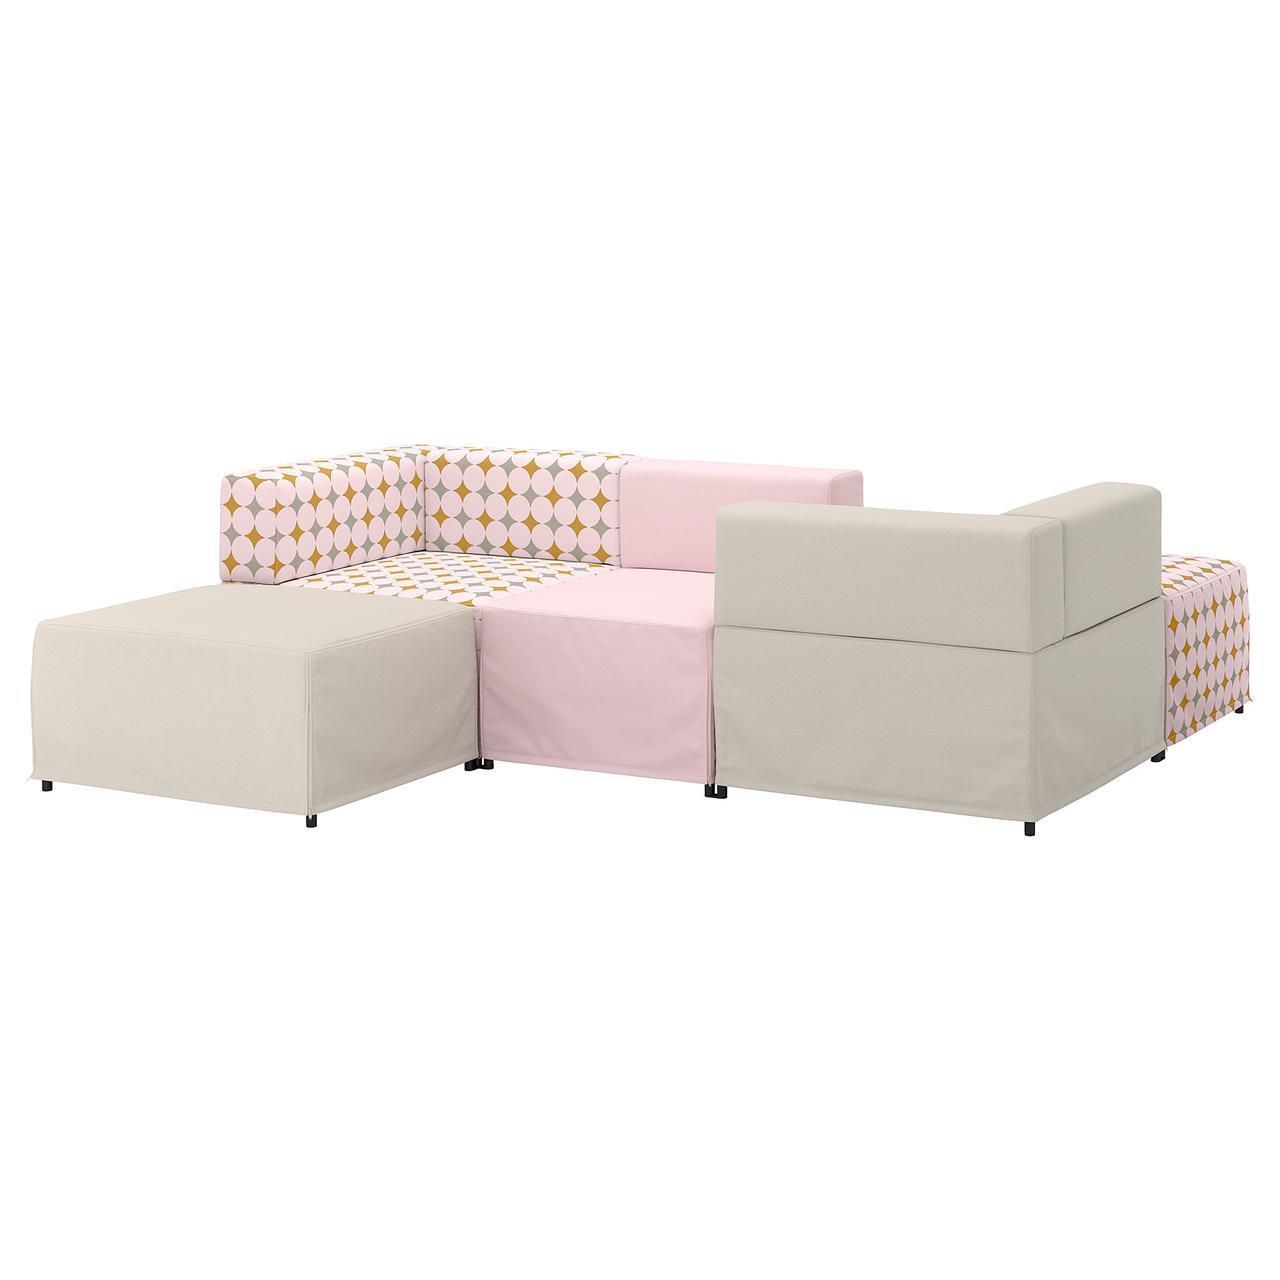 IKEA KUNGSHAMN (192.750.80) 3-местный модульный диван, Idekulla meringue